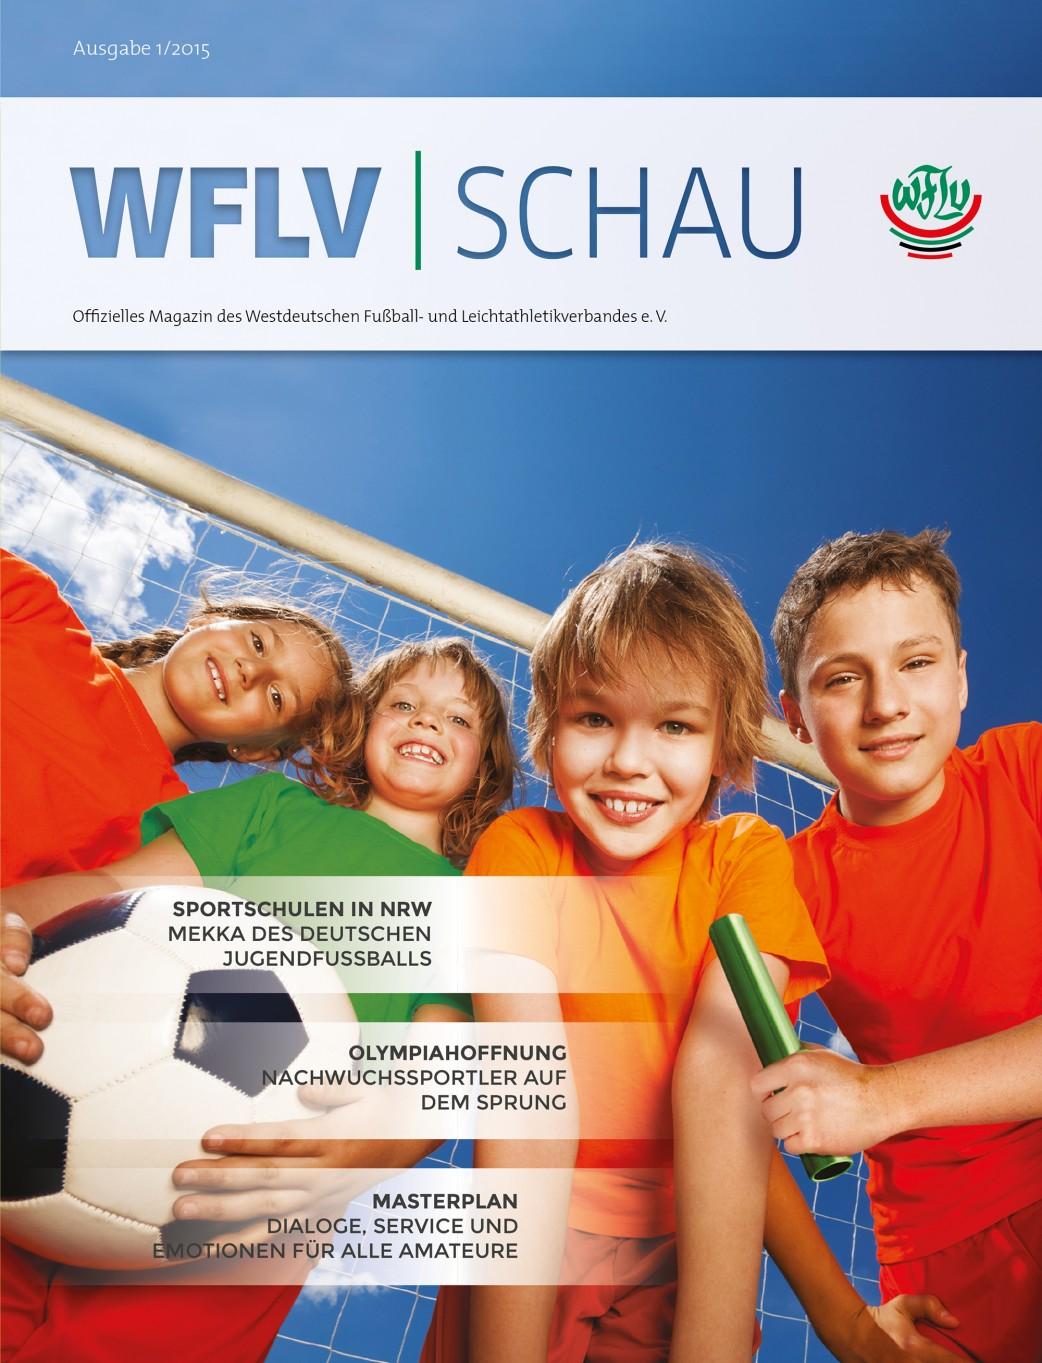 WFLV-SCHAU_2015_01